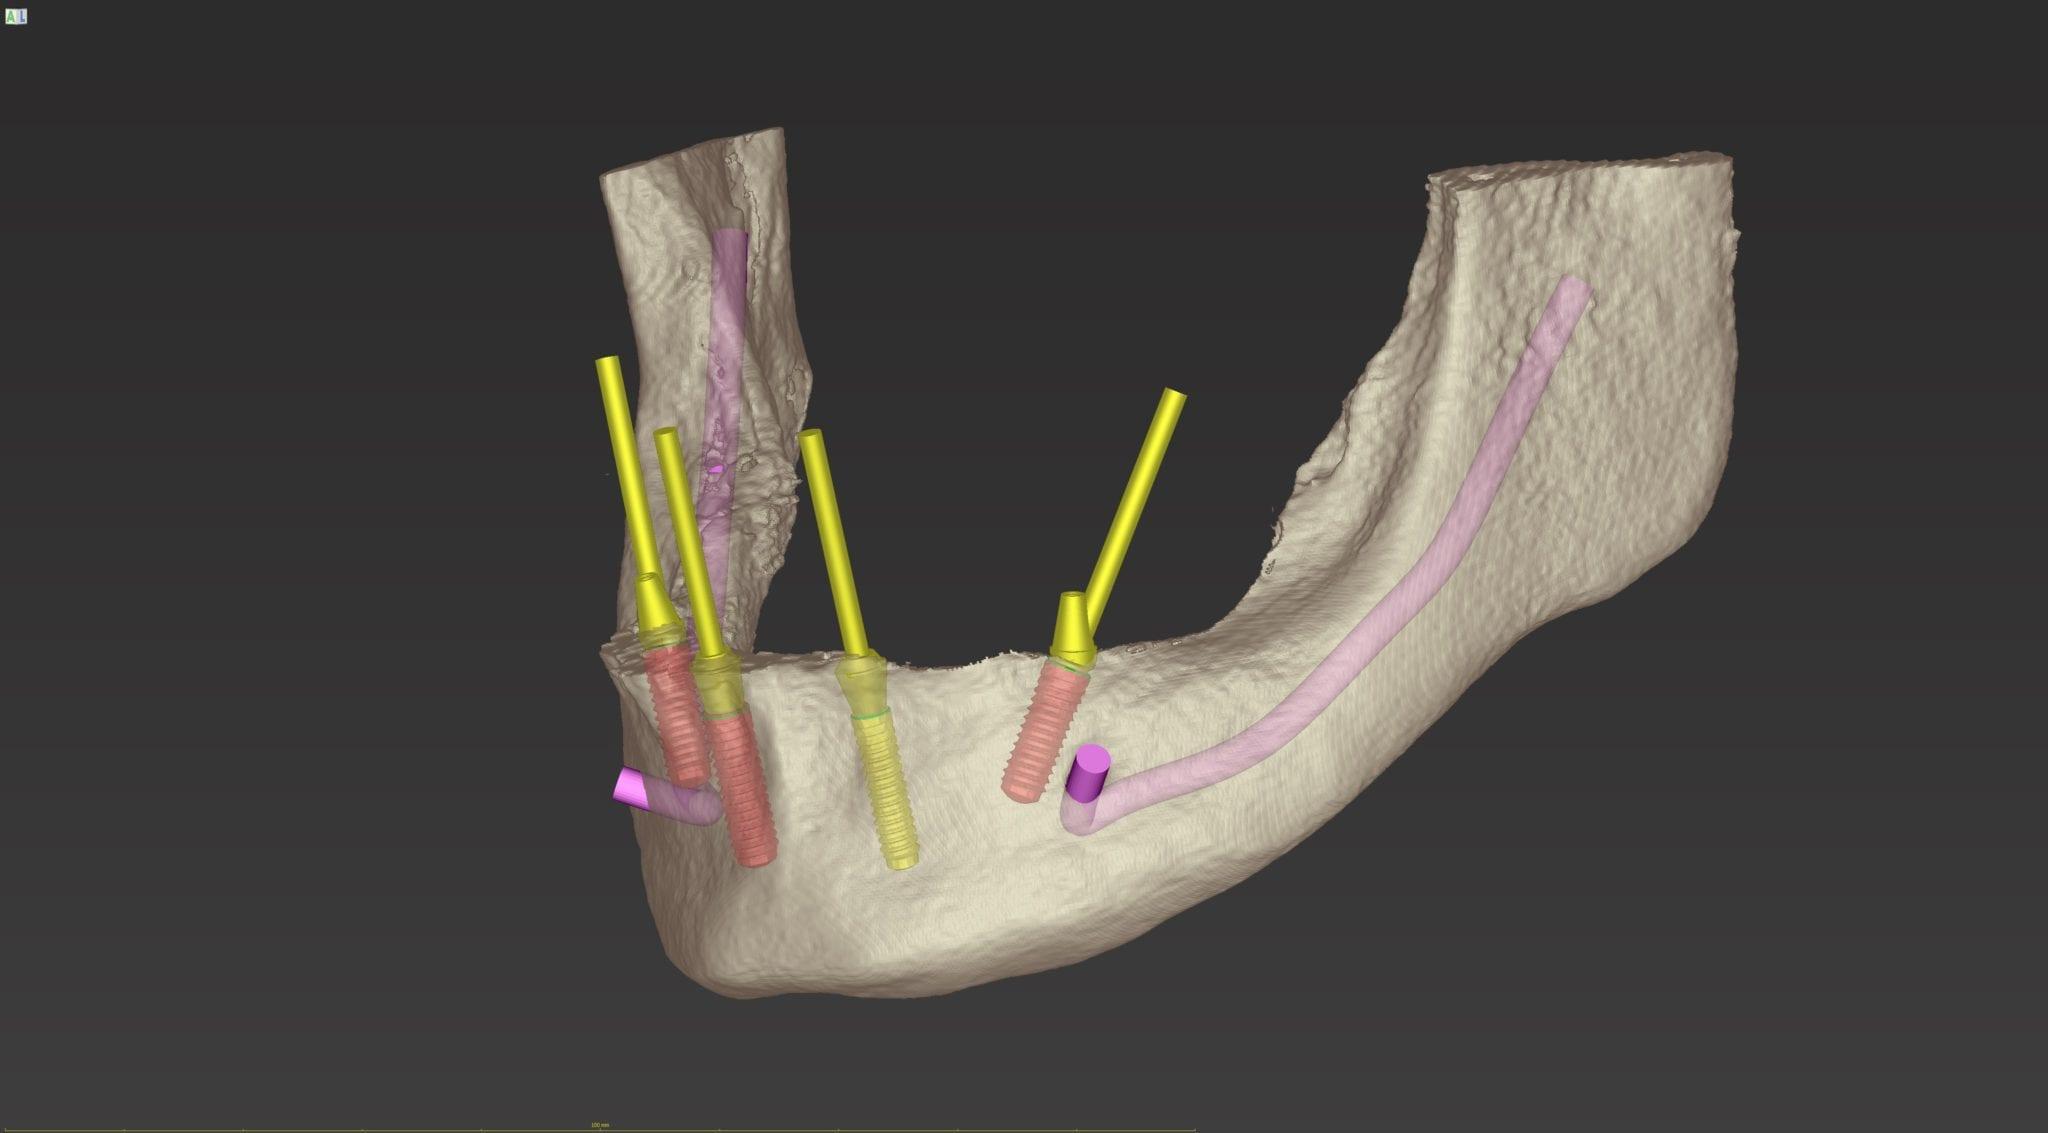 Abb. 6b: 3D-Planung ohne Schablone und Bohrhülsen - Darstellung des zu reduzierenden Knochenvolumens